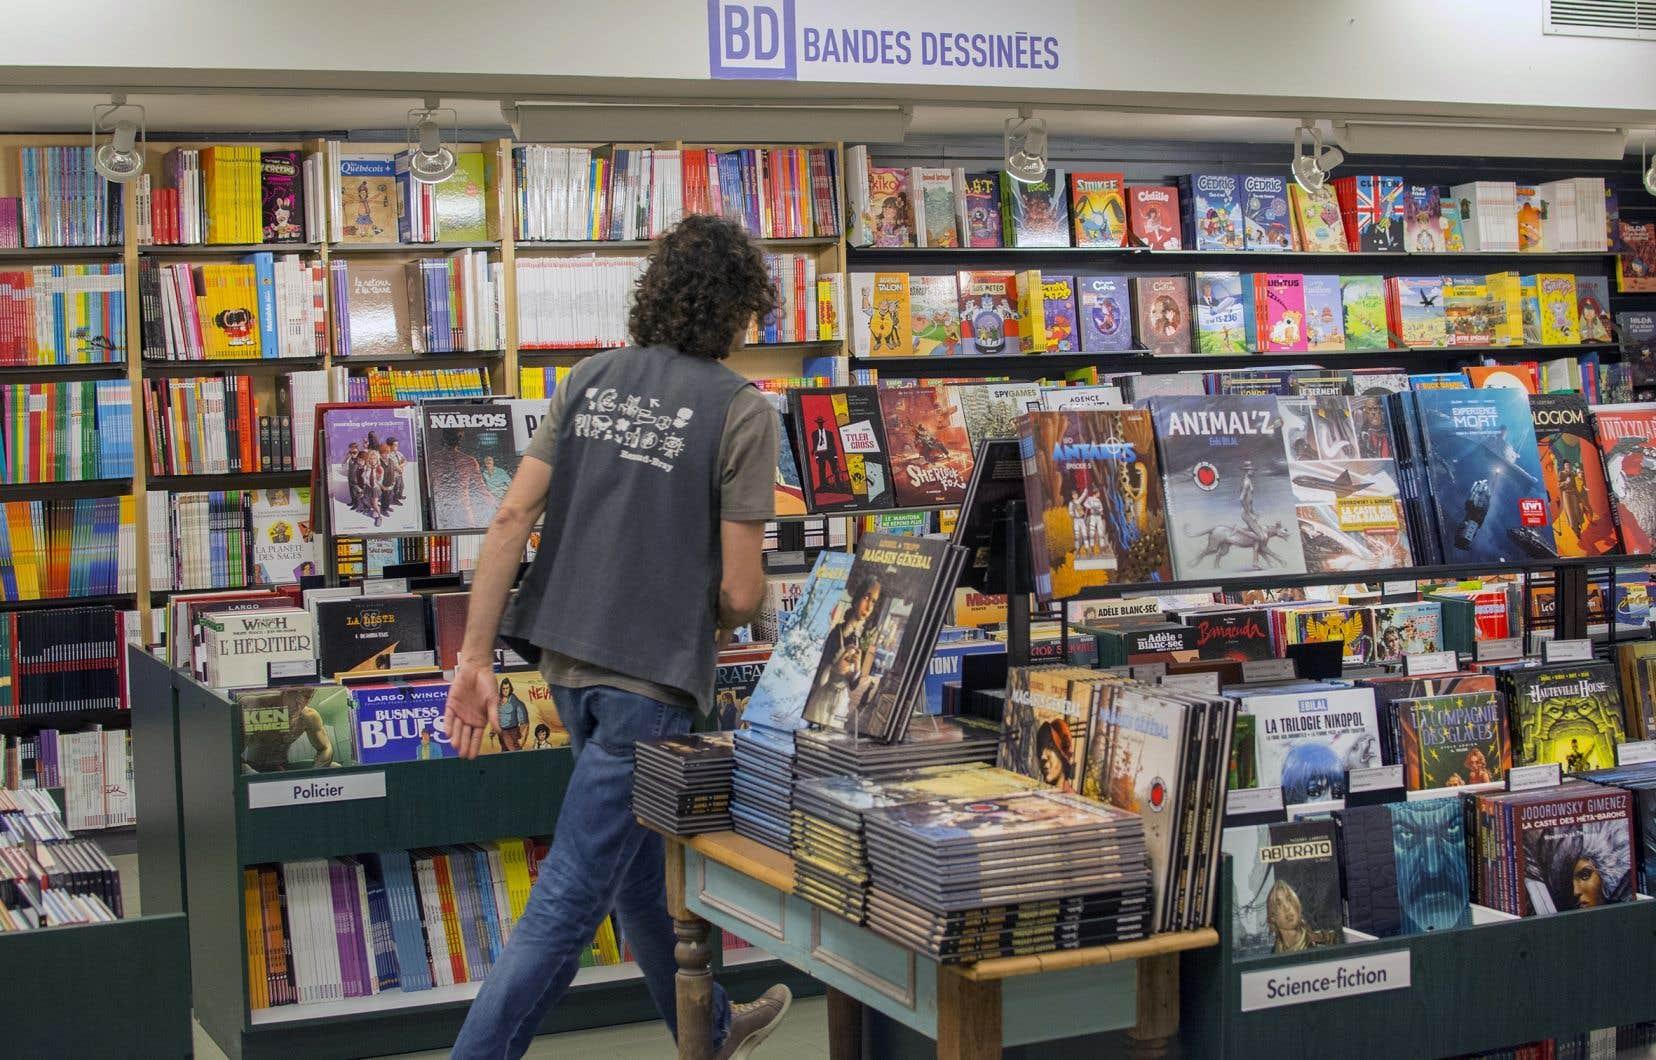 La bande dessinée est l'un des rares créneaux littéraires à connaître une croissance soutenue depuis plus de dix ans.